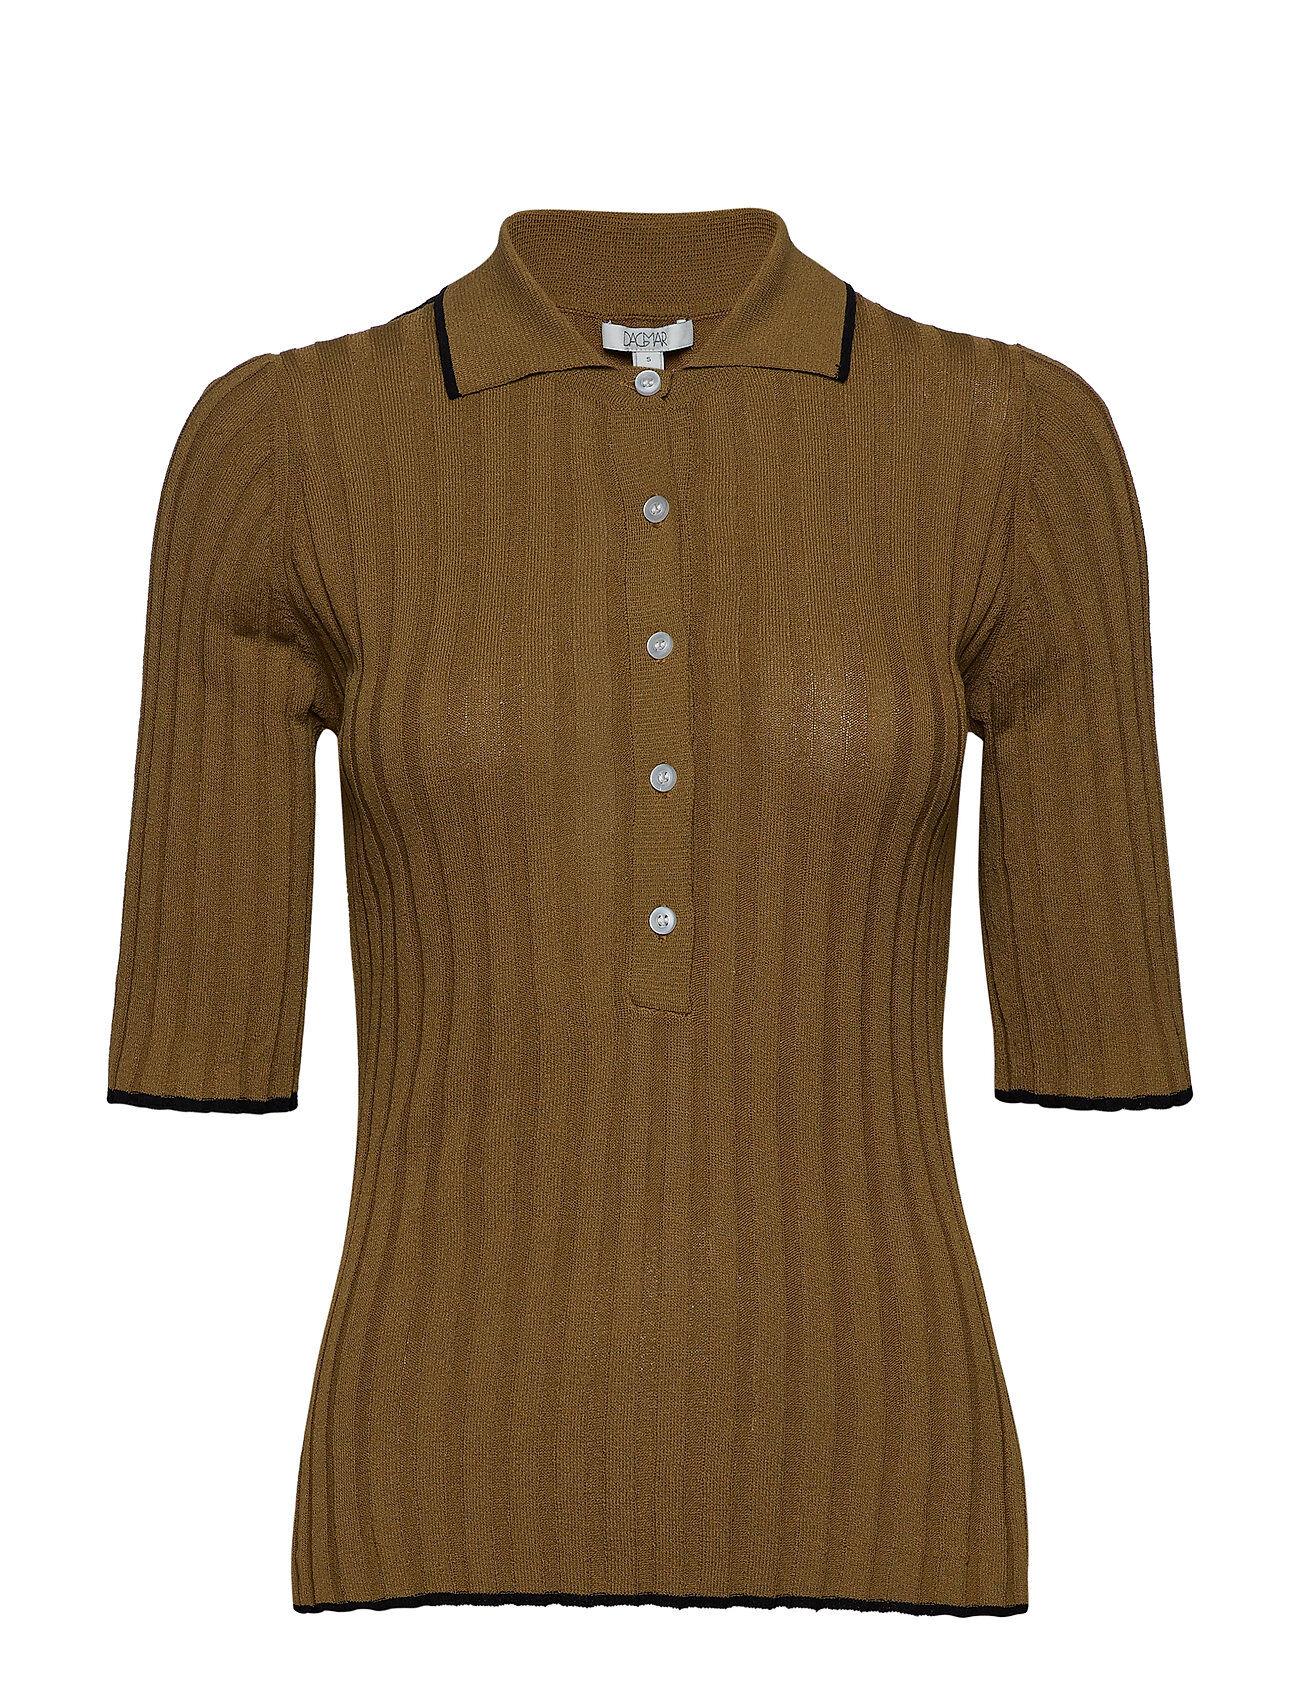 Dagmar Ella T-shirts & Tops Short-sleeved Ruskea Dagmar